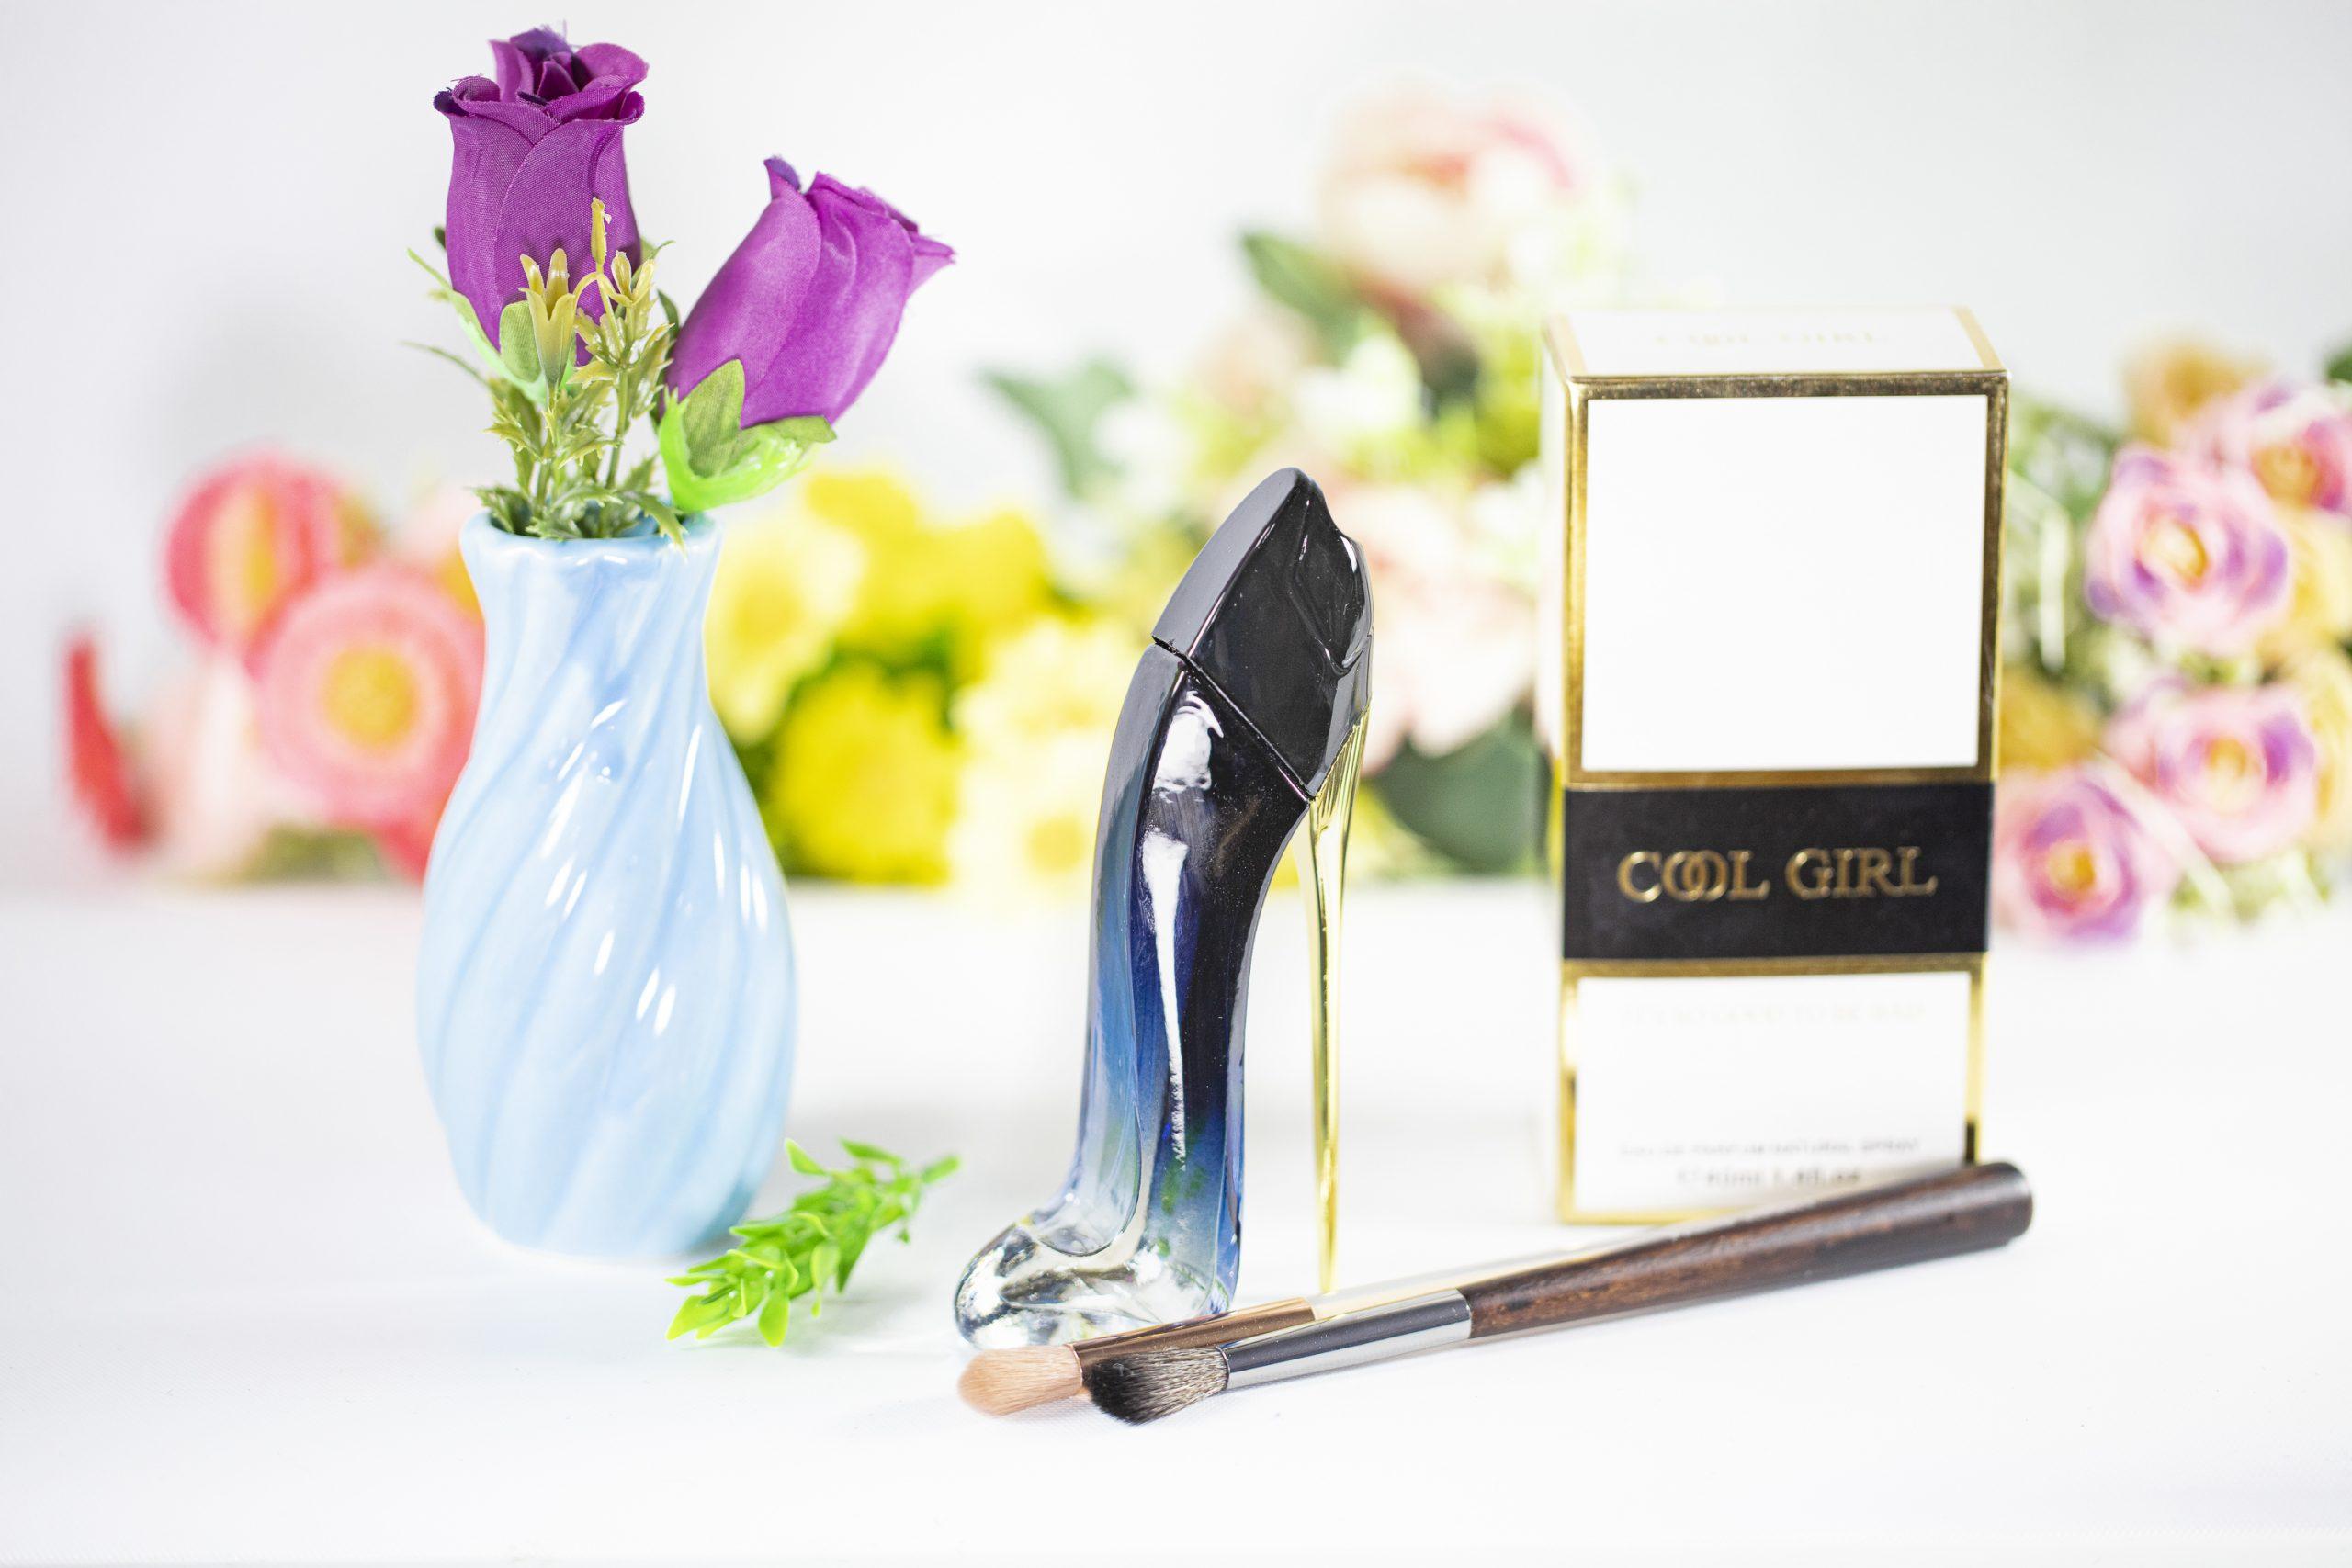 40ML- COOL GIRL-B896-3-490